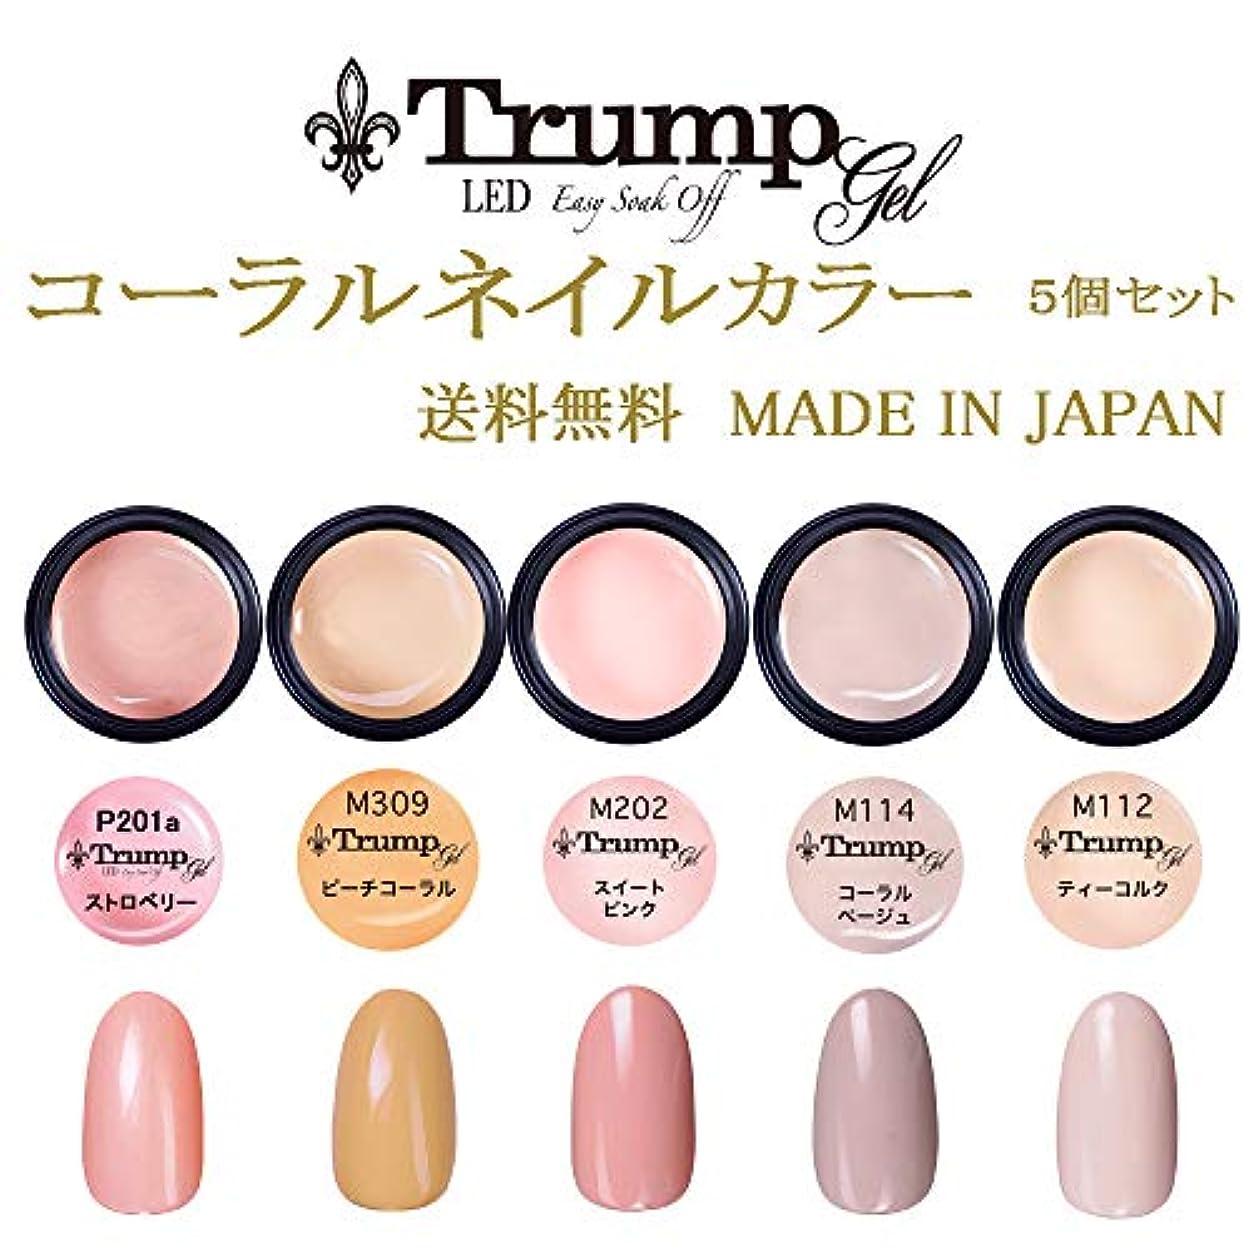 矢印内なる普遍的な【送料無料】日本製 Trump gel トランプジェル コーラルネイル カラージェル 5個セット 明るくて可愛い コーラルネイルカラージェルセット